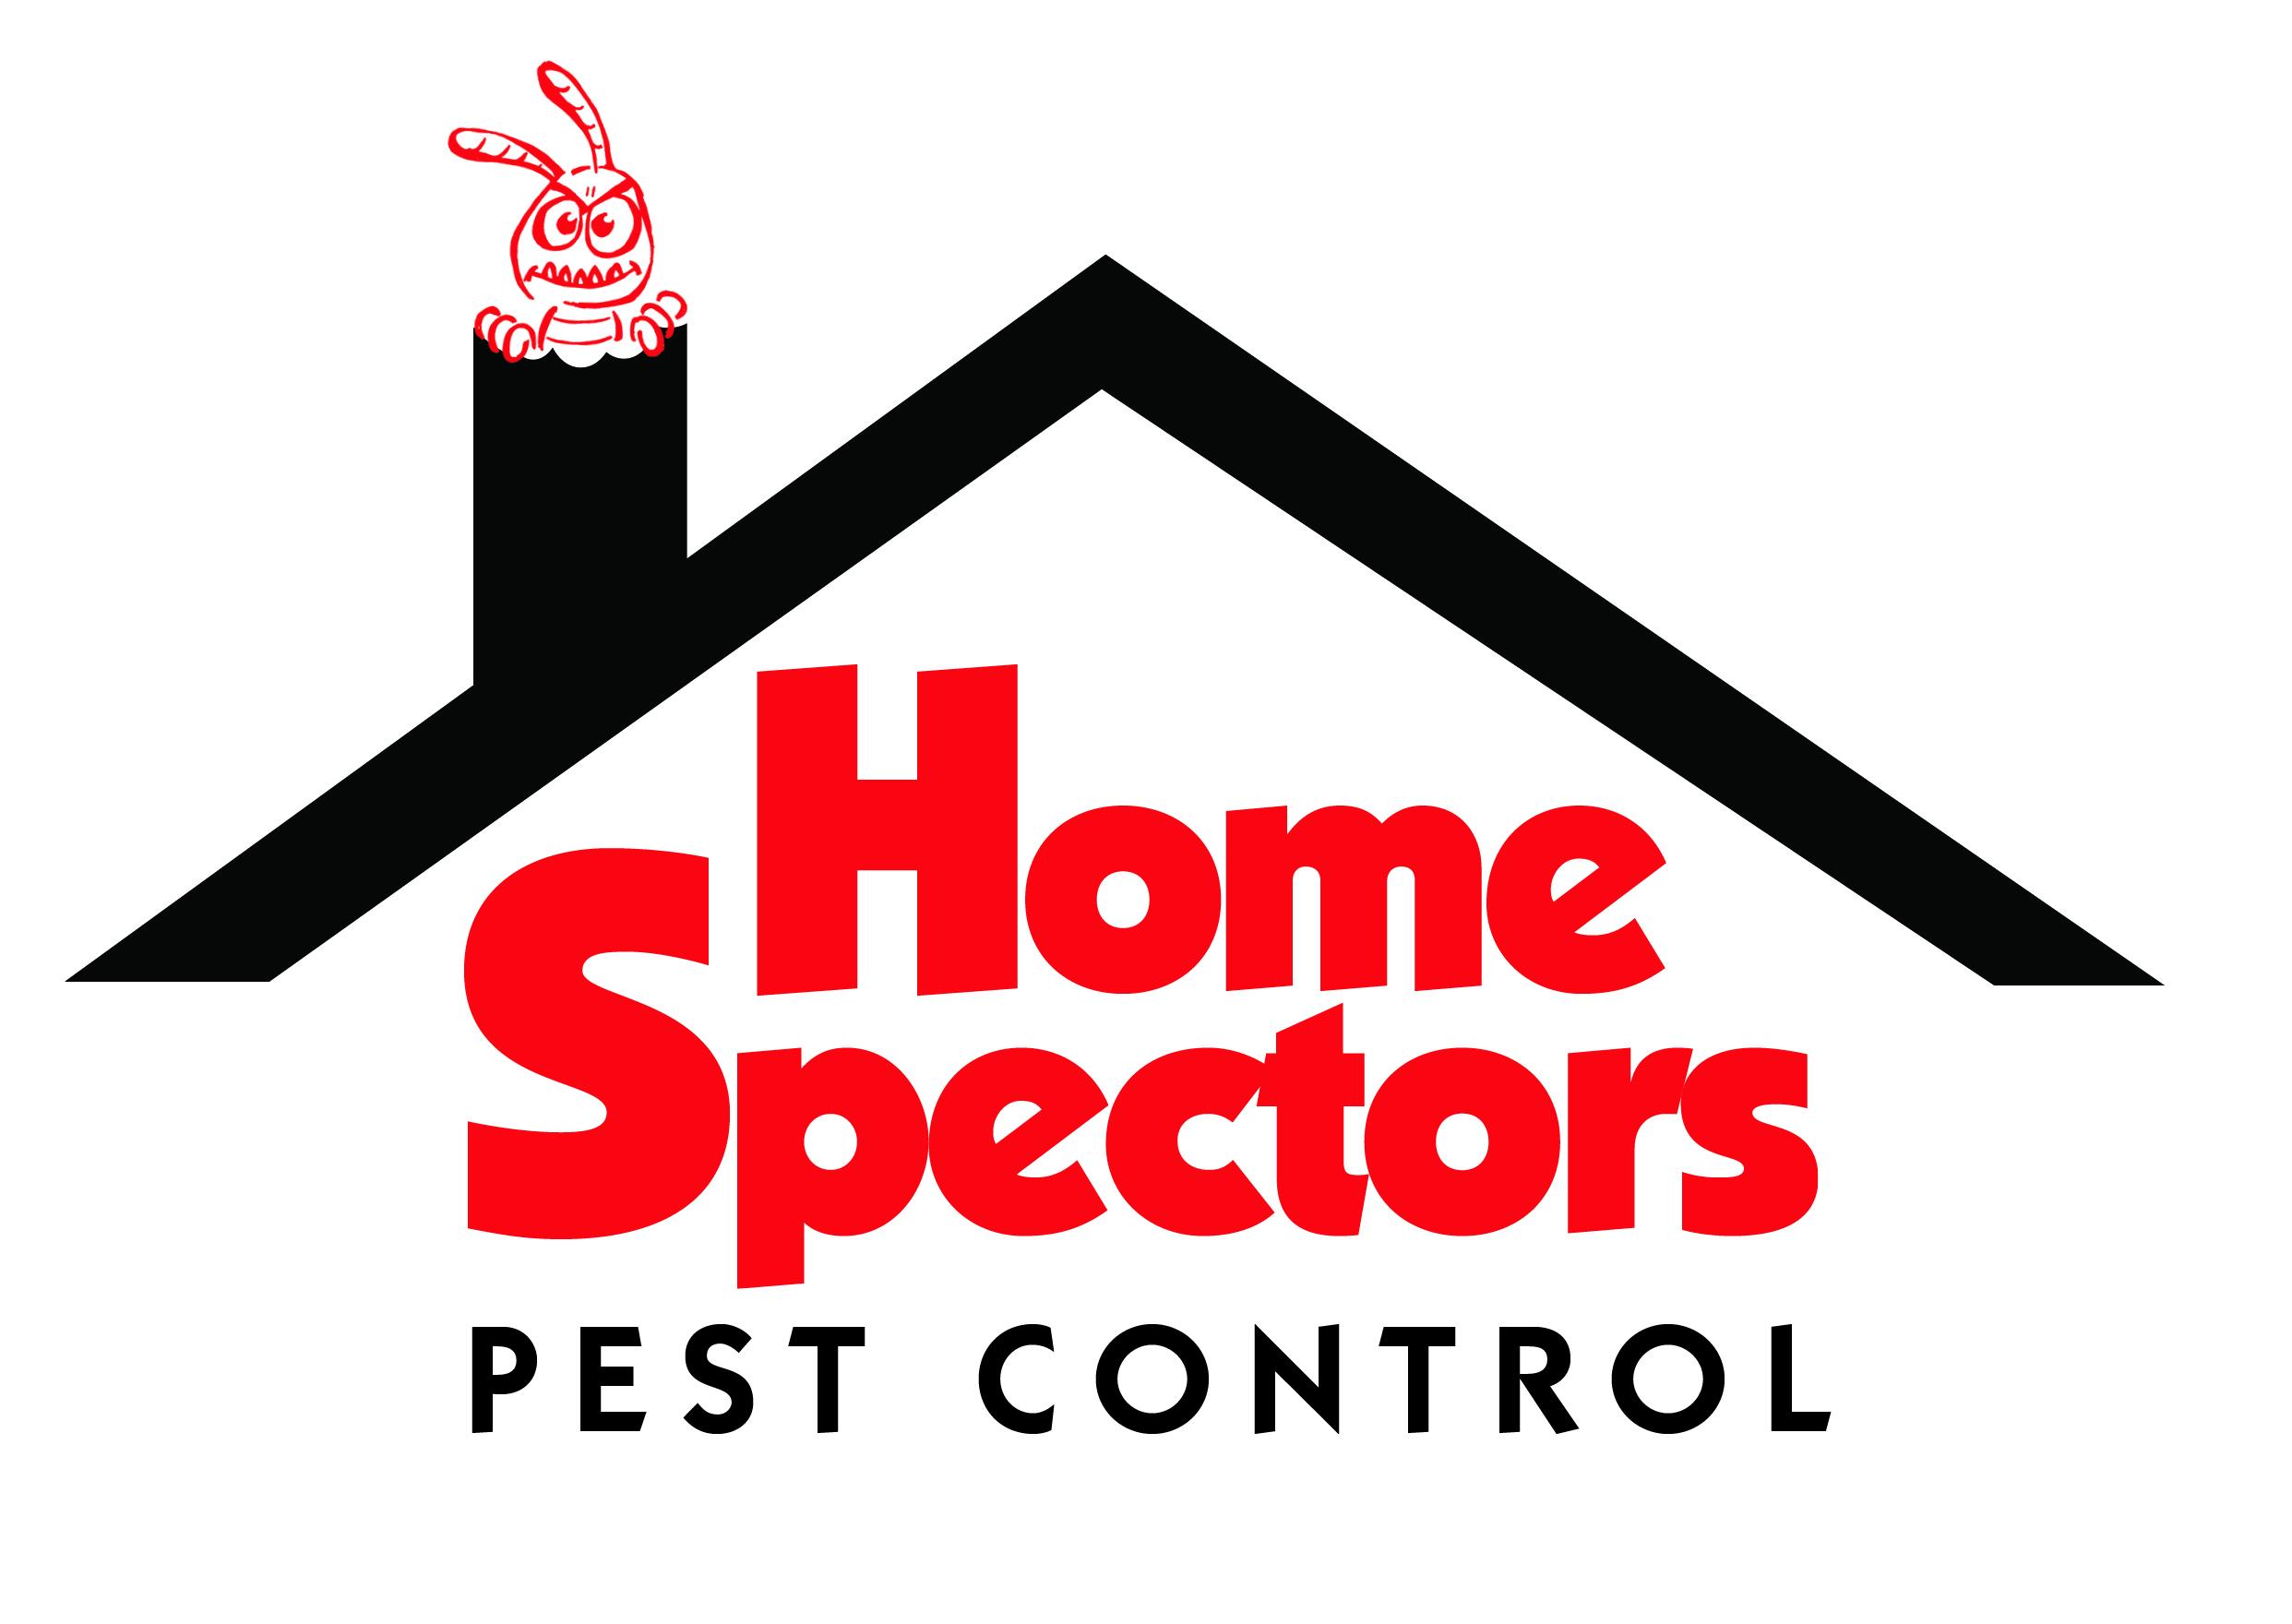 Home Spectors Pest Control